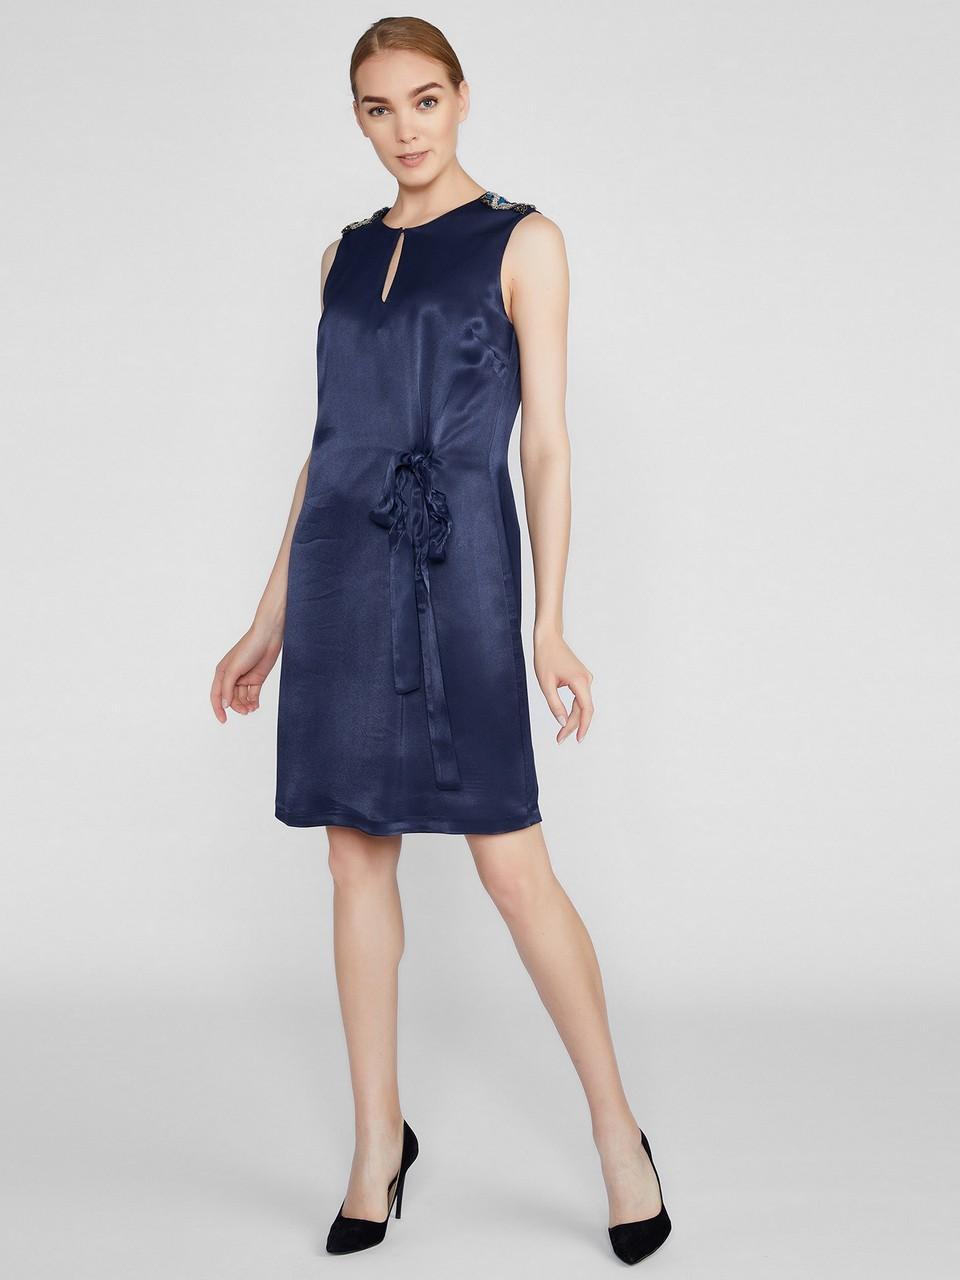 Sıfır Kol Sıfır Yaka Omuzu Taş Detaylı Elbise